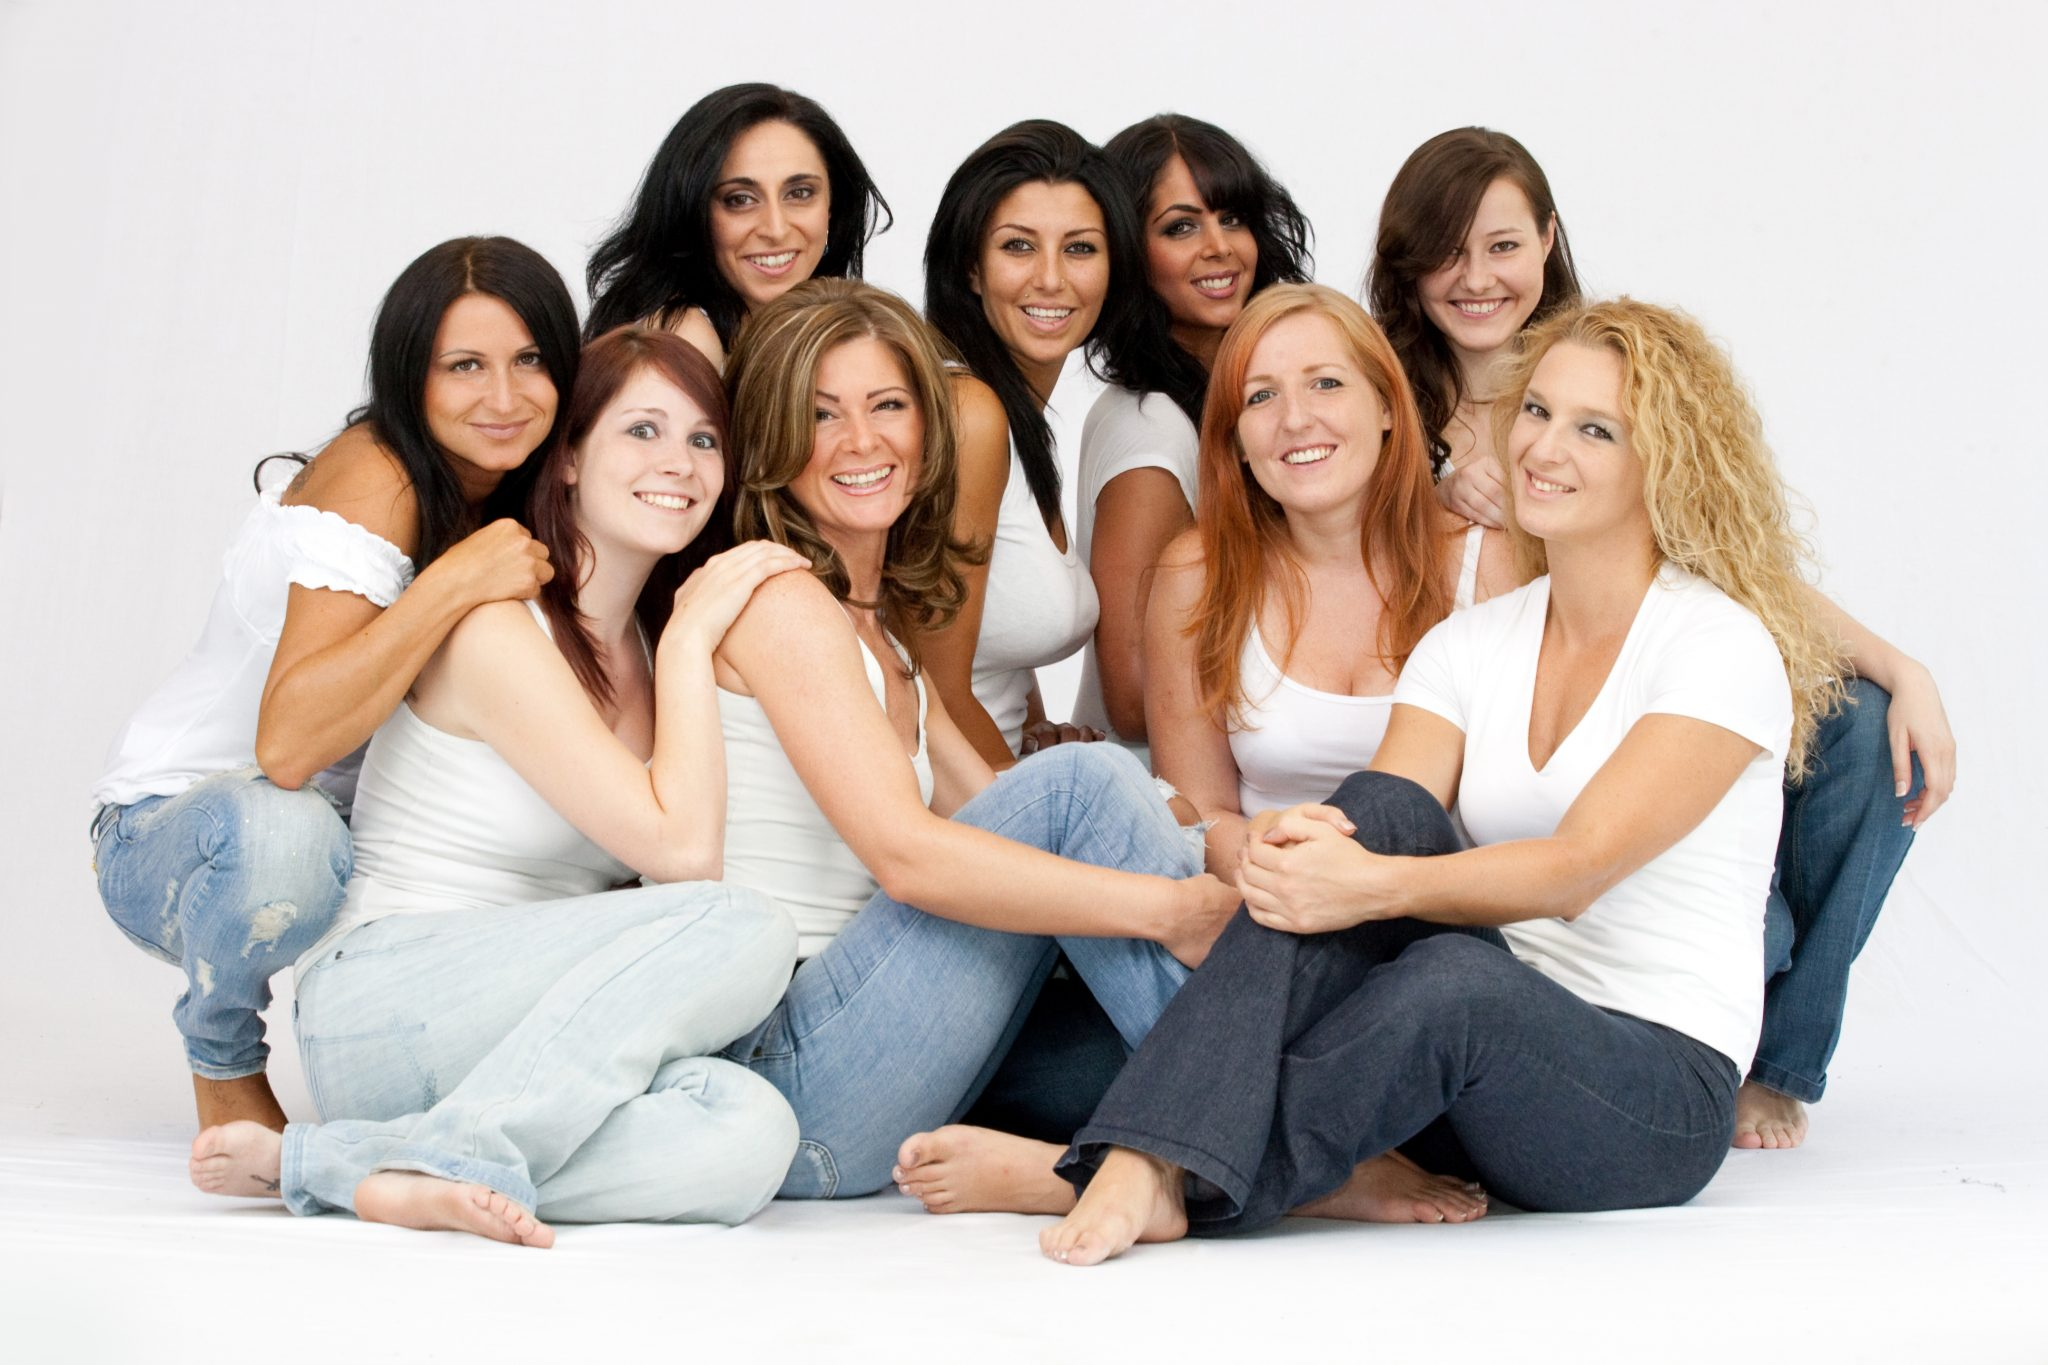 Секс больших женщин групповое, Большие сиськи групповой секс зрелые женщины 8 фотография